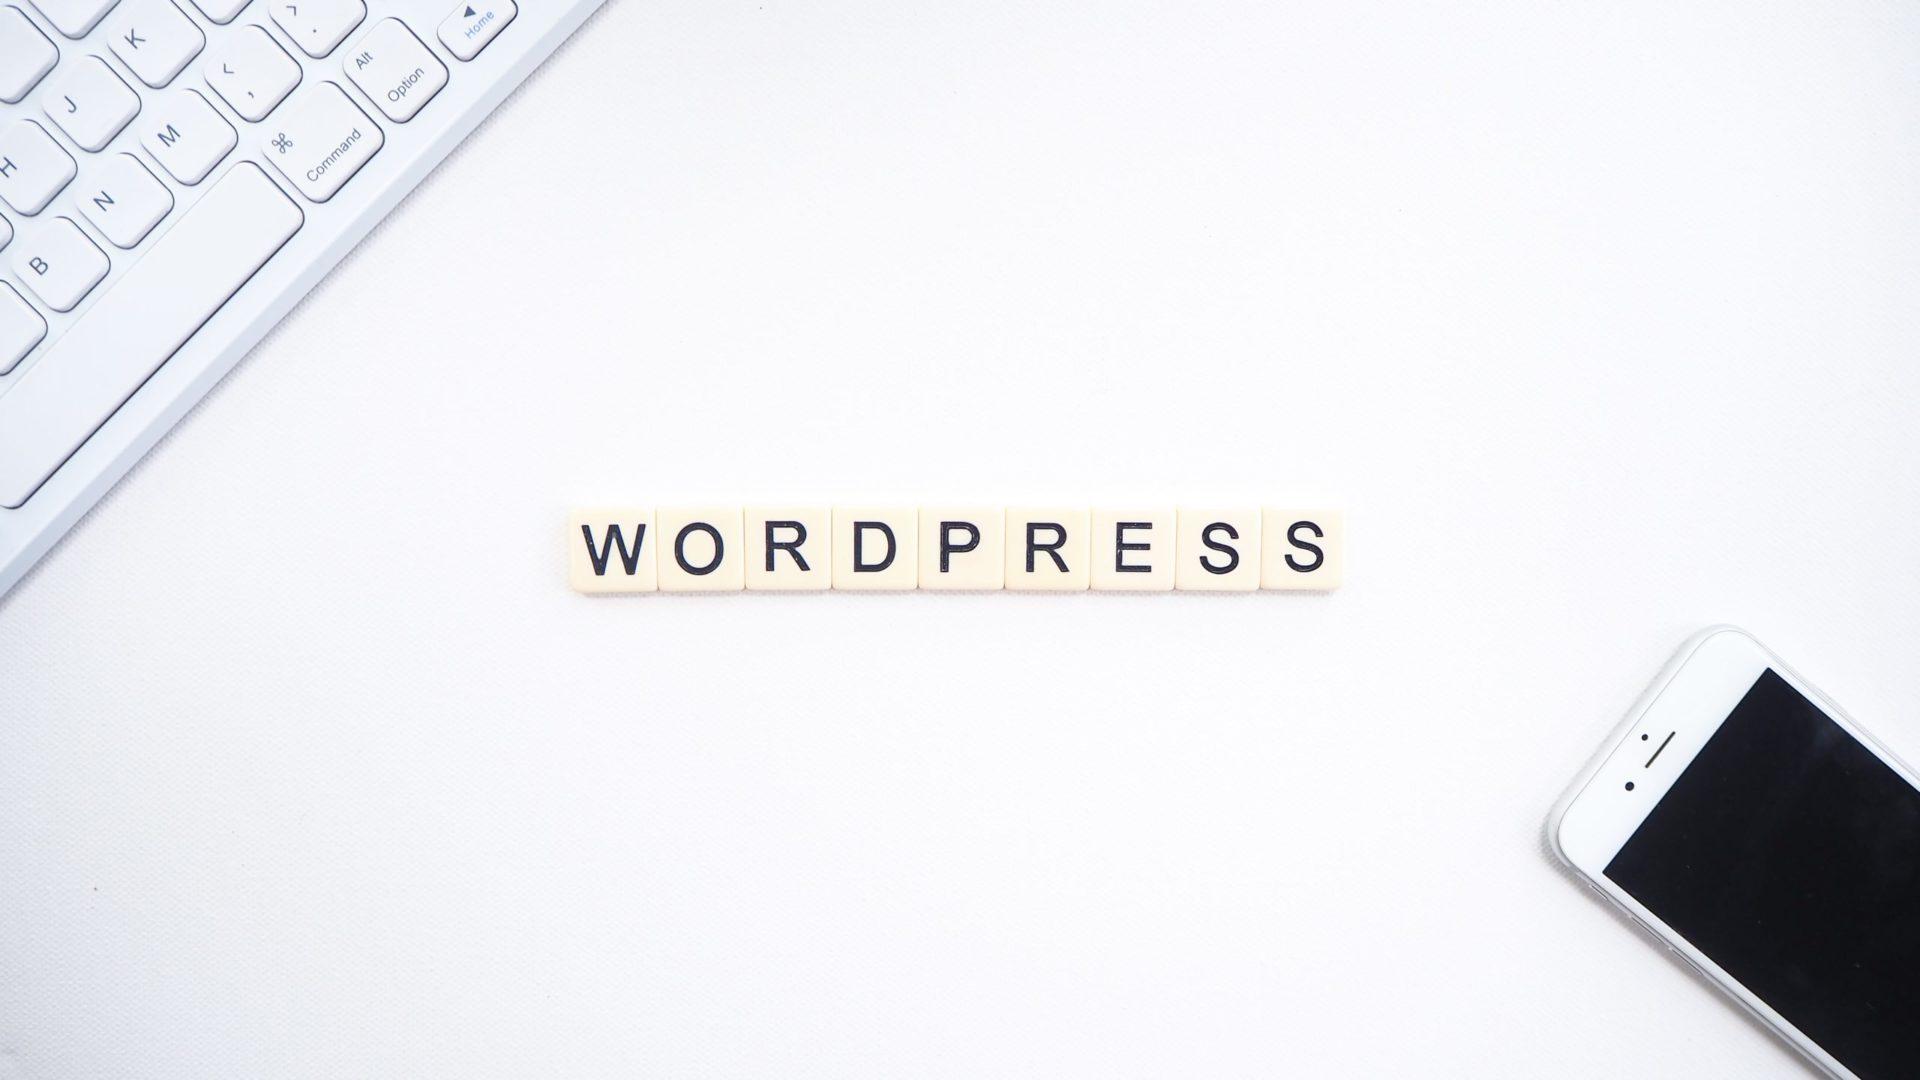 Wordpress écrit avec des lettres du scrabble